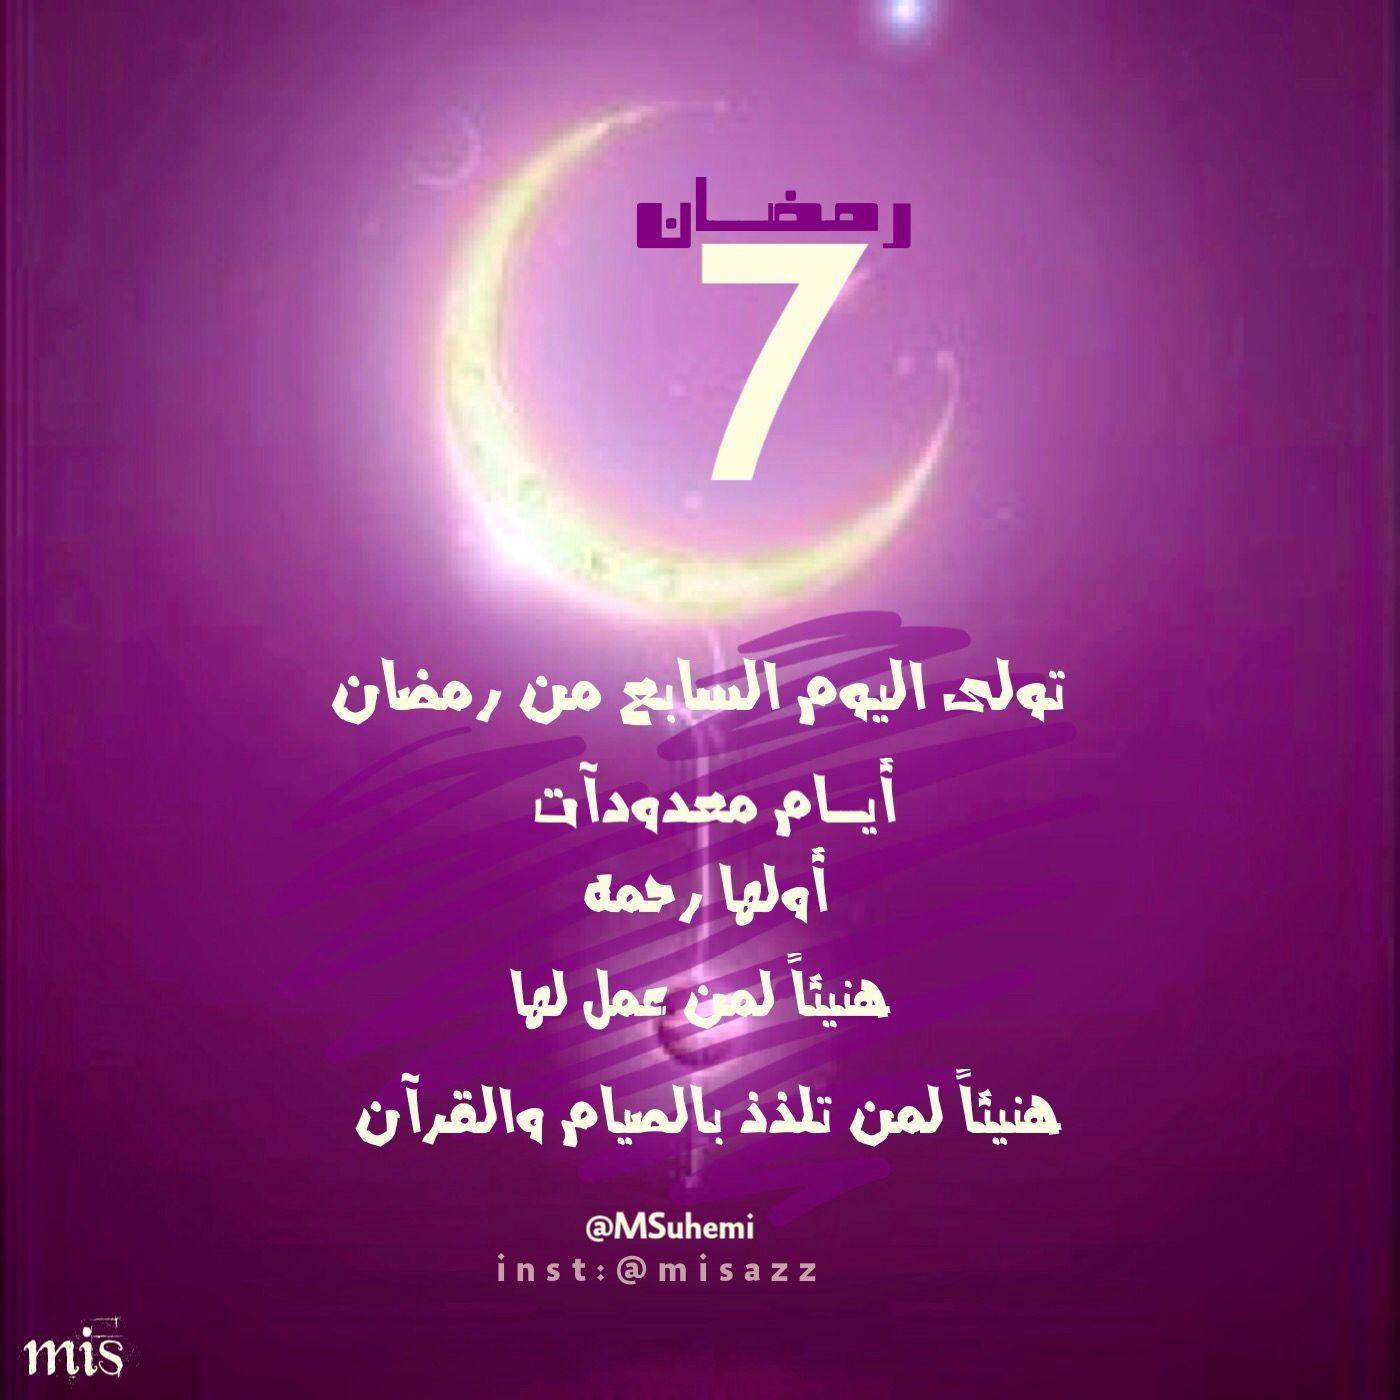 ٧ رمضان تولى اليوم السابع من رمضان أيام معدودات أولها رحمههنيئا لمن عمل لها هنيئا لمن تلذذ بالصيام والقران Neon Signs Movie Posters Poster